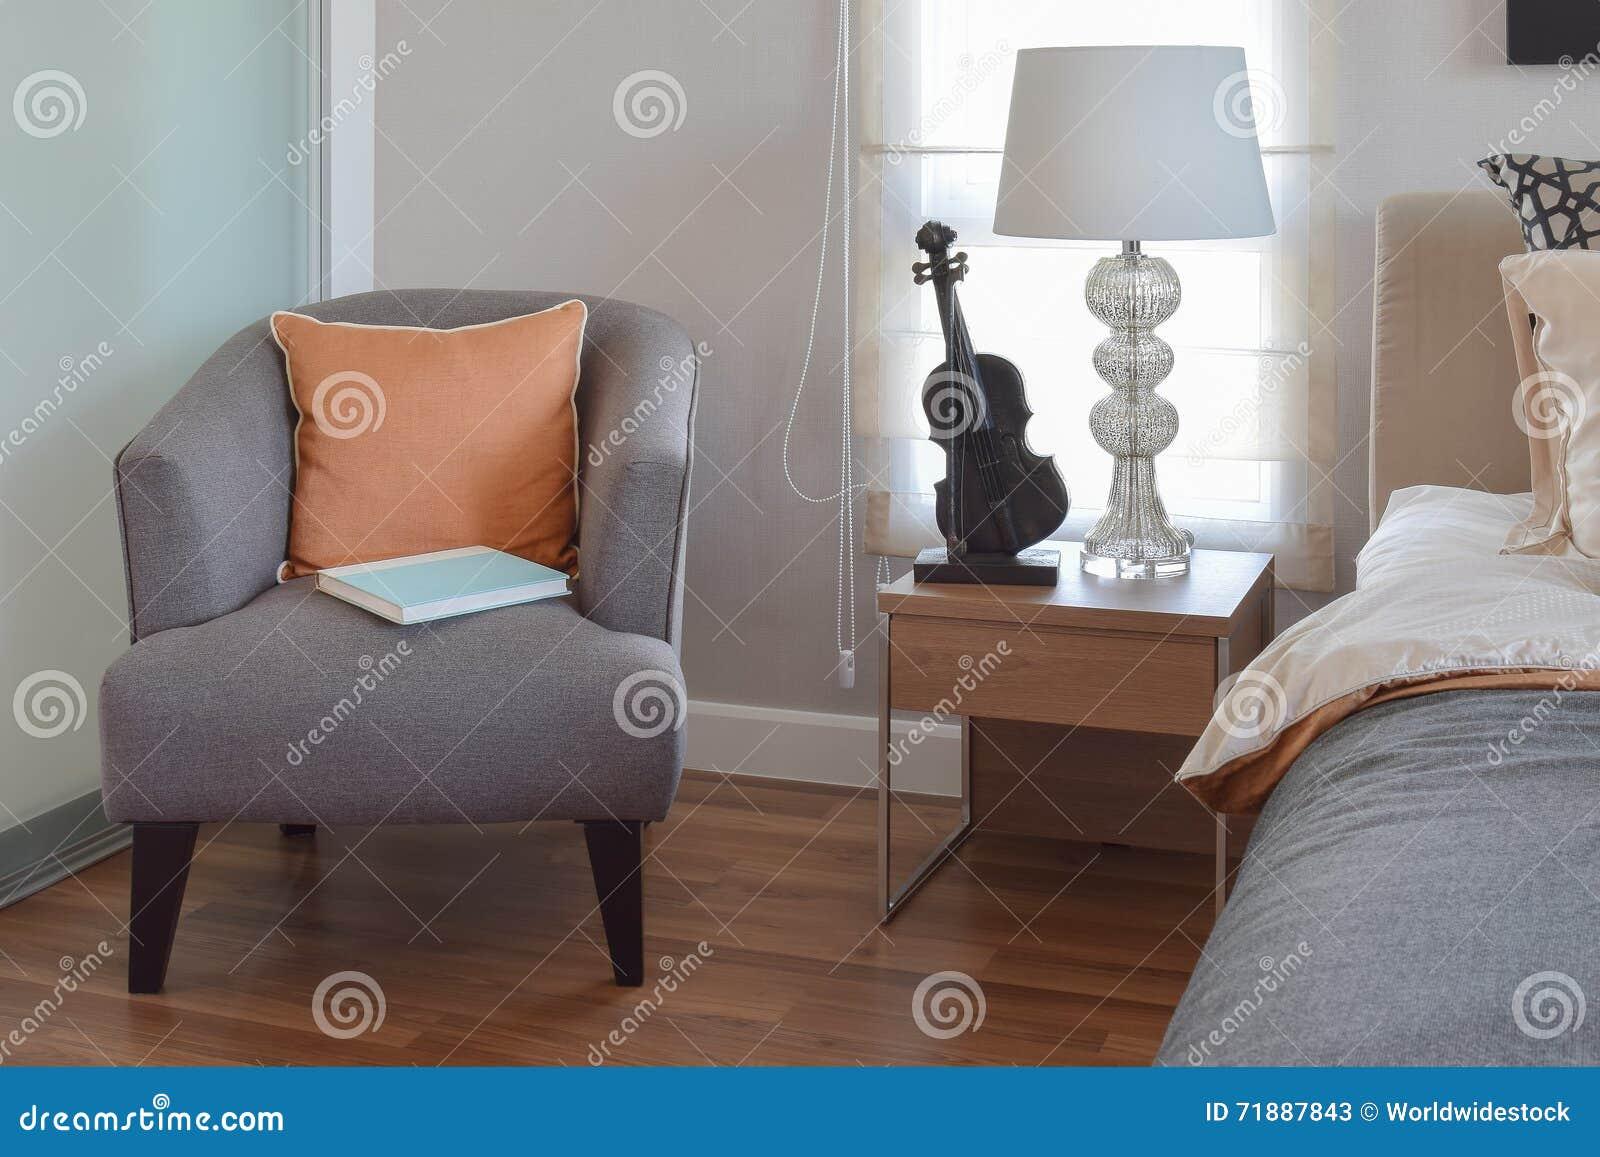 Moderne slaapkamer met oranje hoofdkussen op grijs stoel en bed stock foto afbeelding 71887843 - Klassiek bed ...